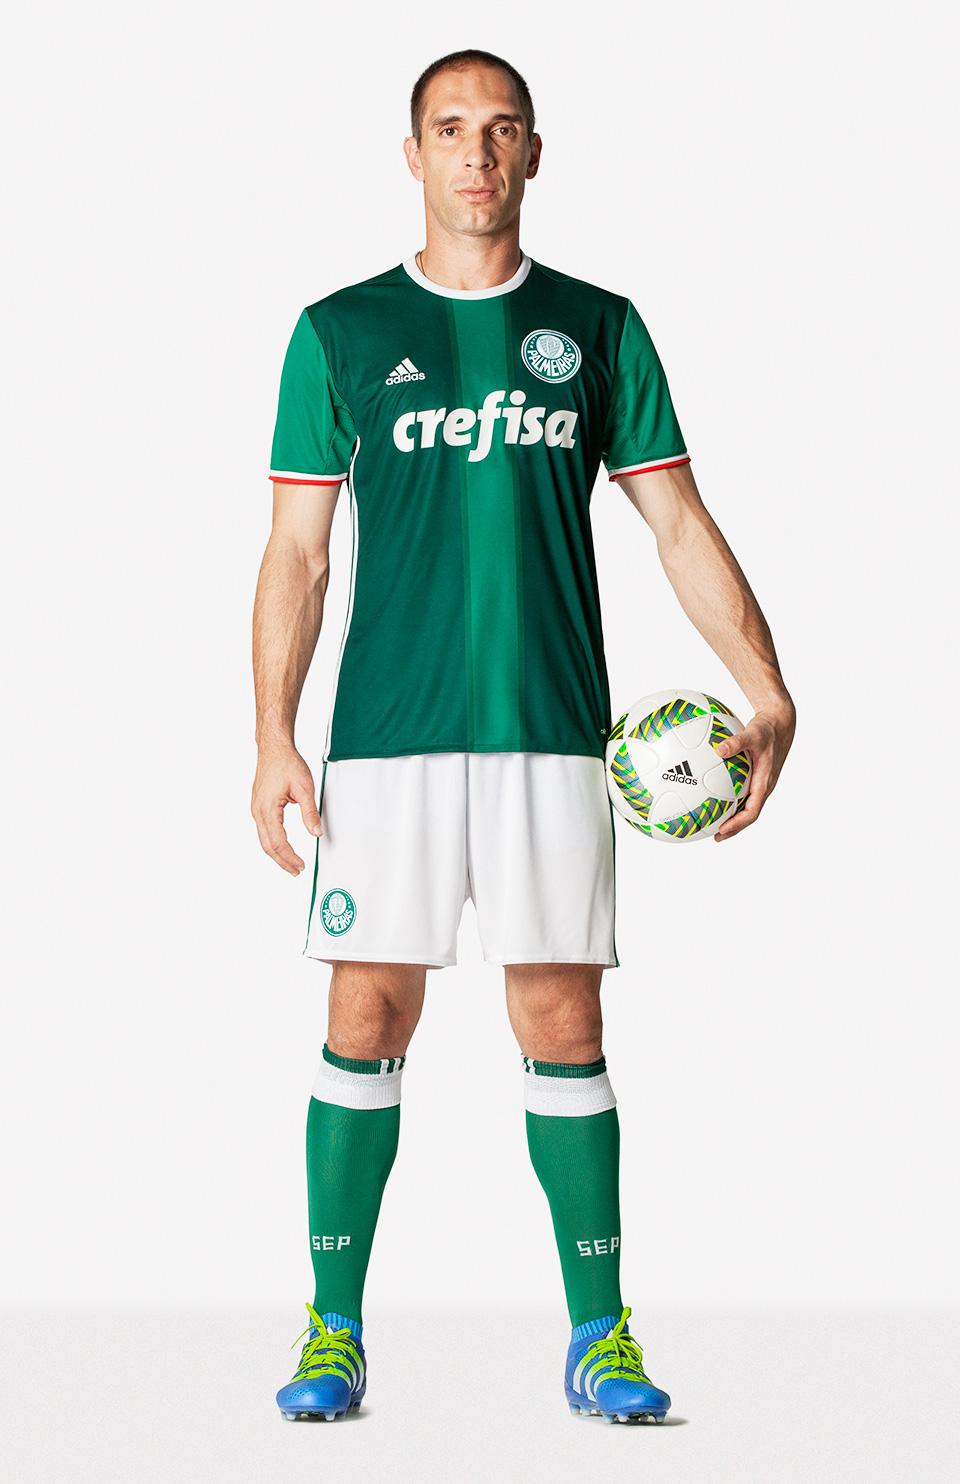 315252c027 Fernando Prass Nova Camisa Palmeiras 03 05 2016